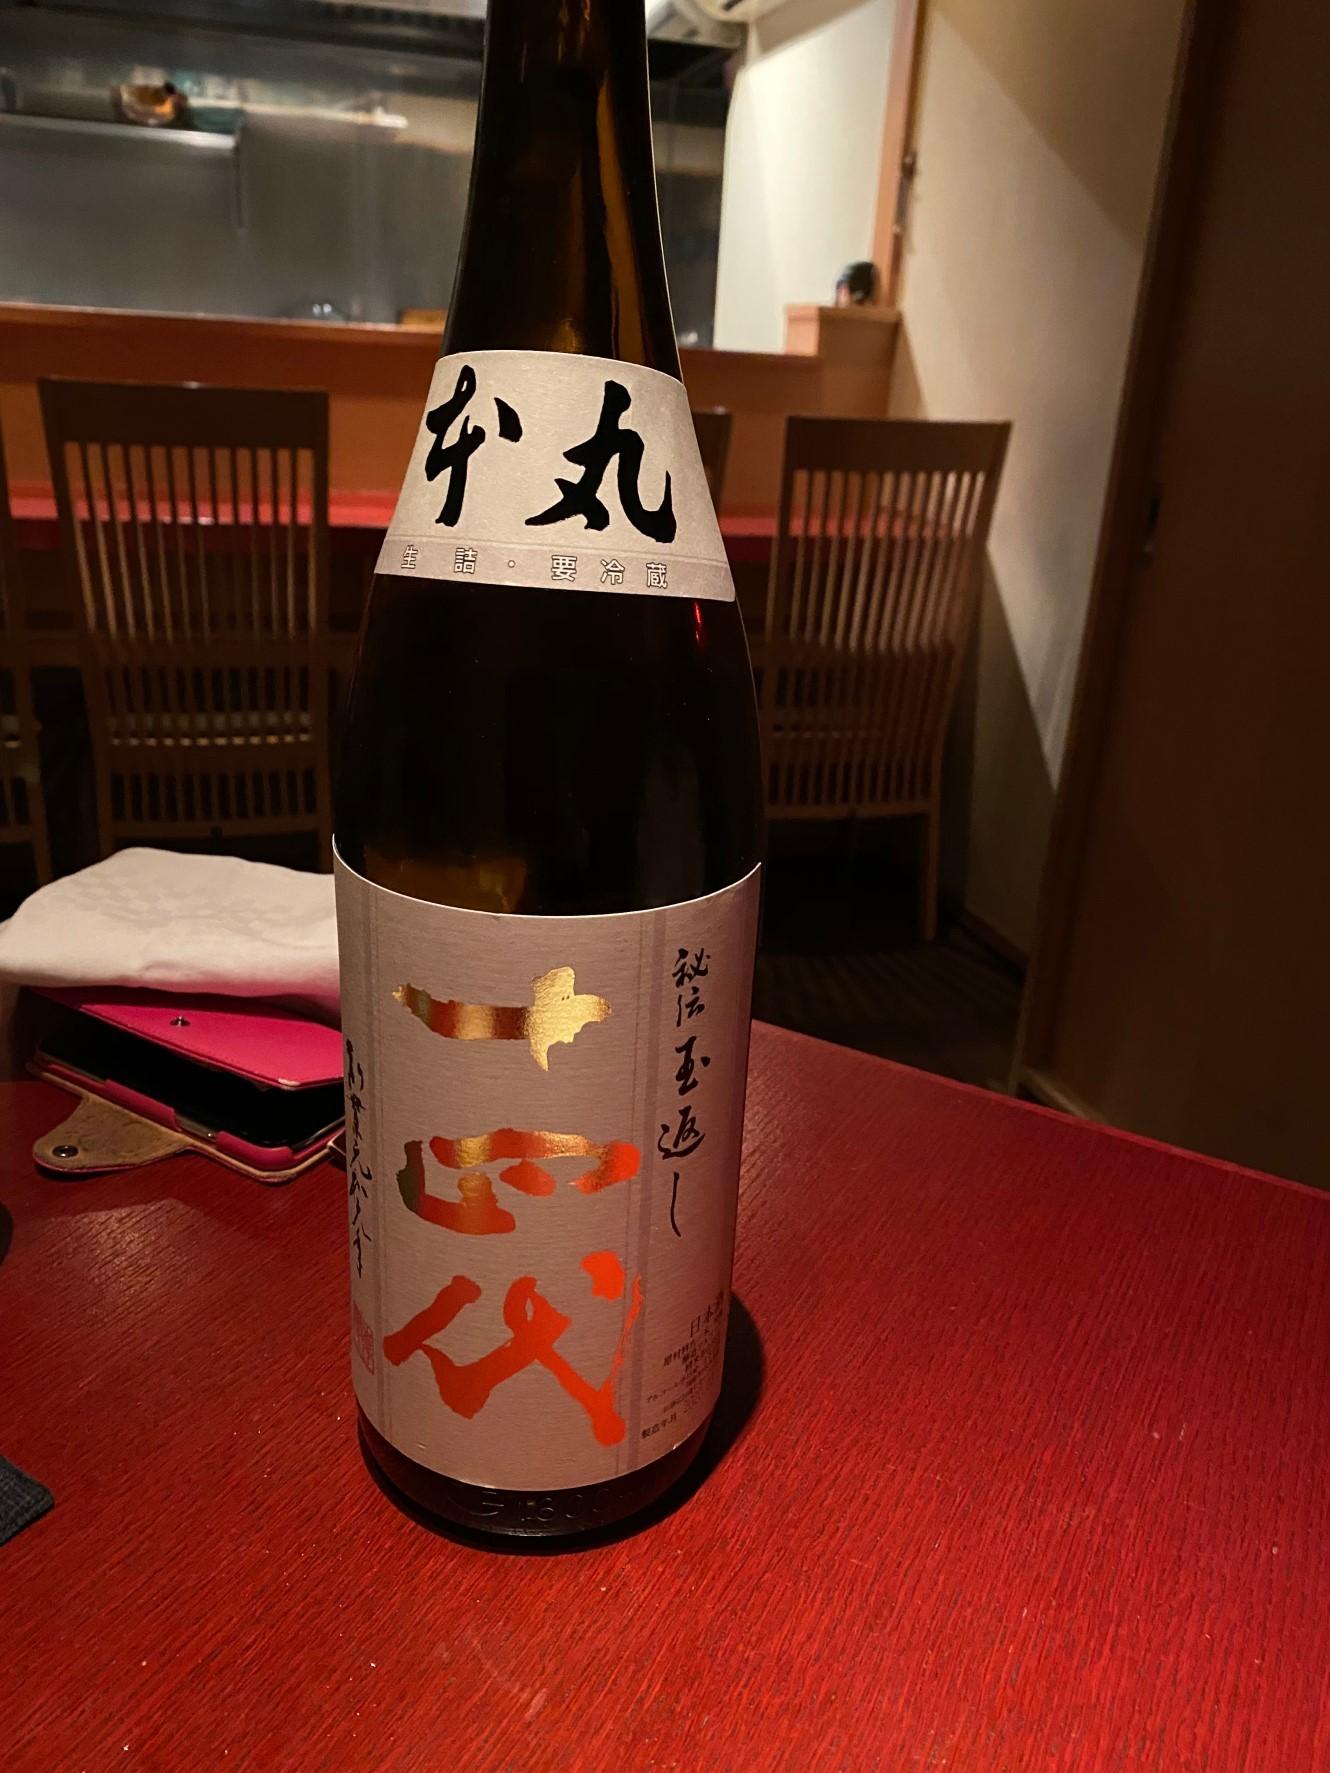 そうだ!京都に行く…よりも_b0210699_23425477.jpeg